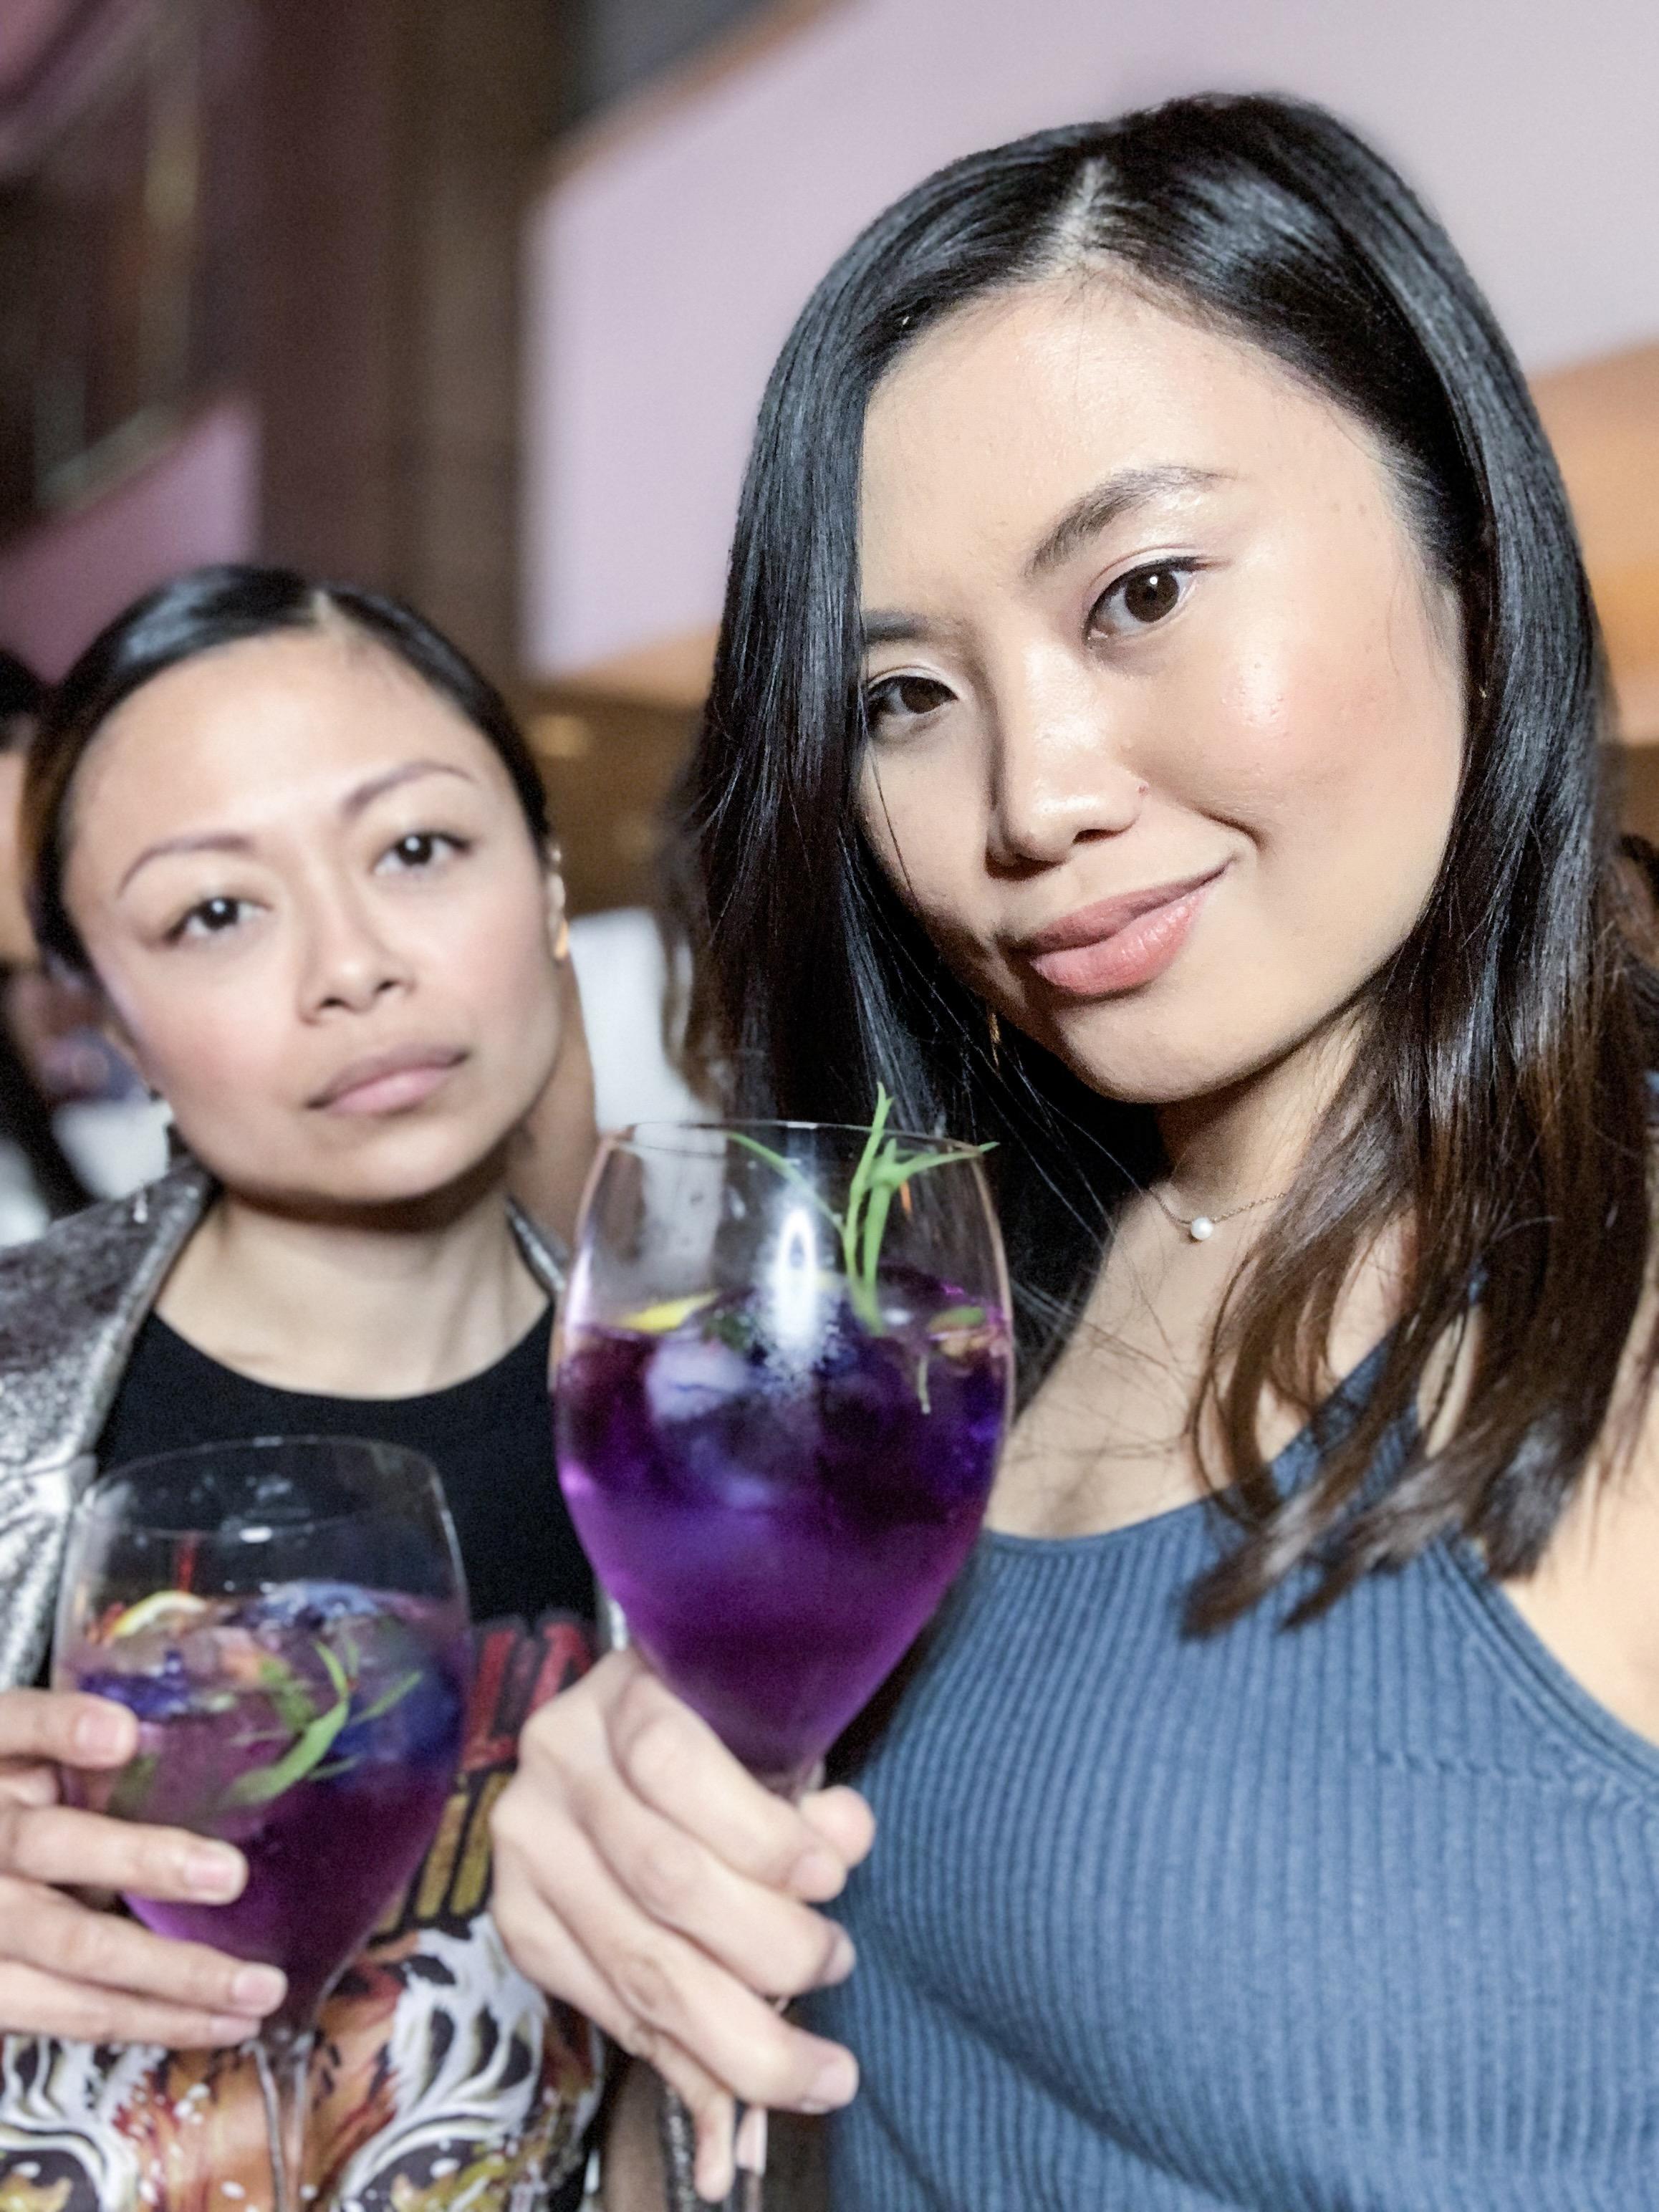 Sarah Santiago and Tara Cabullo Women & Tipple